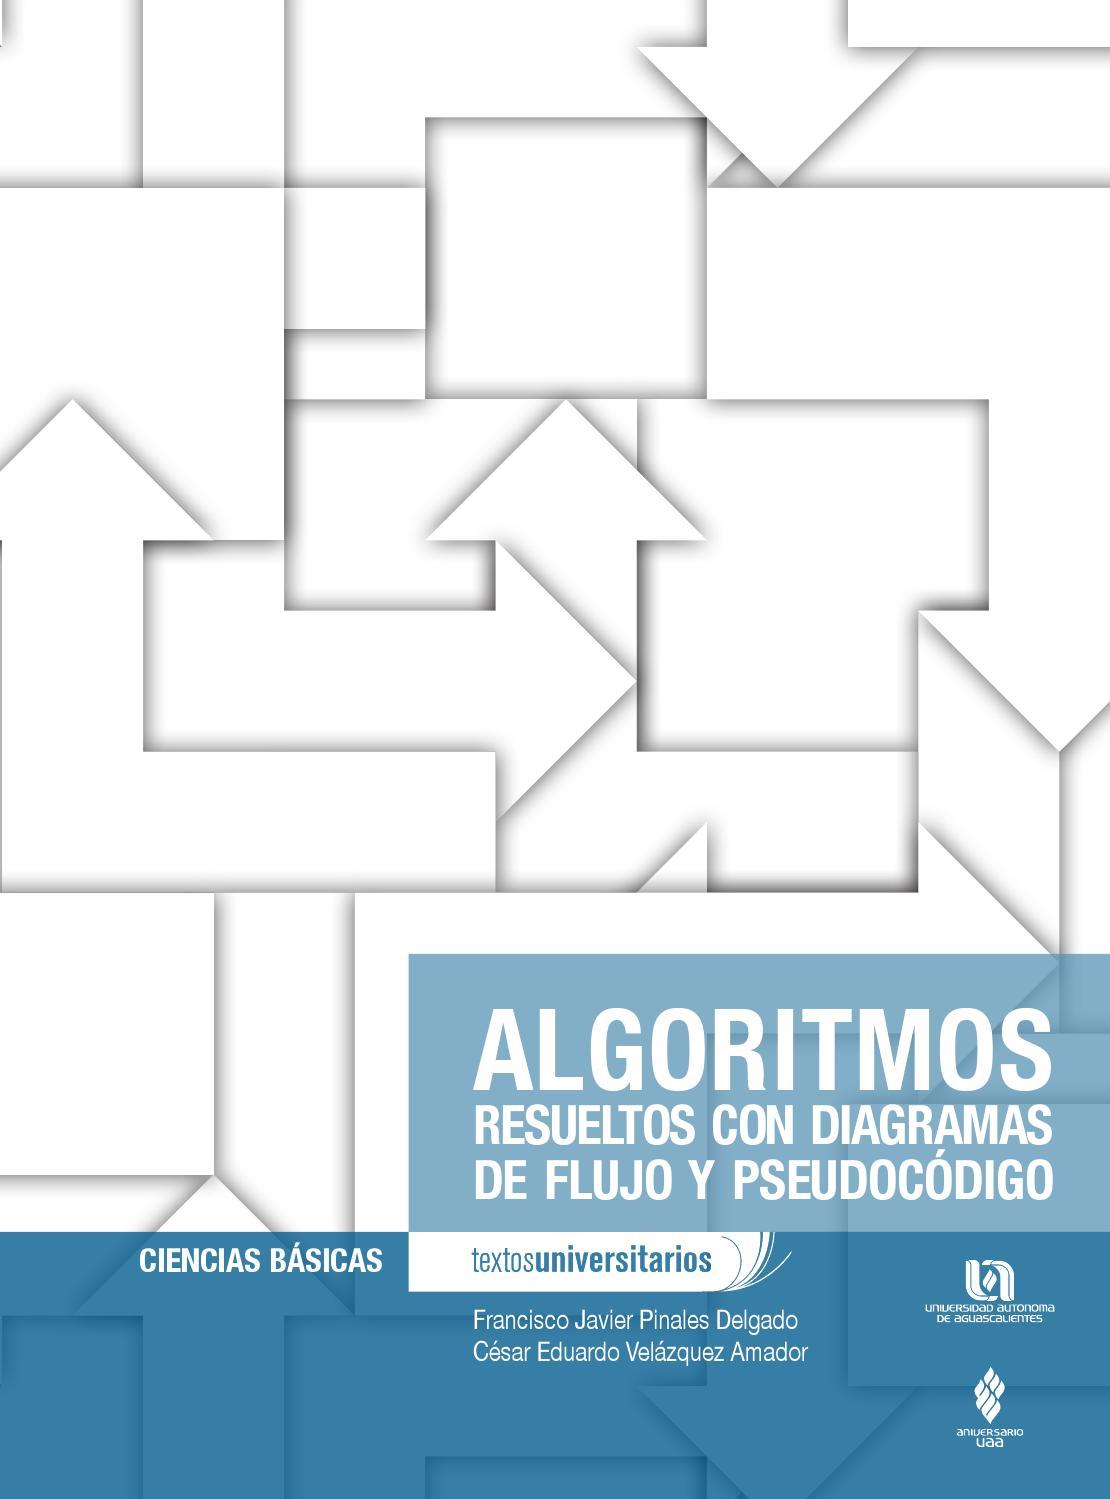 ALGORITMOS RESUELTOS CON DIAGRAMAS DE FLUJO Y PSEUDOCÓDIGO by Universidad  Autónoma de Aguascalientes   Editorial - issuu 6accbdf9e8ce